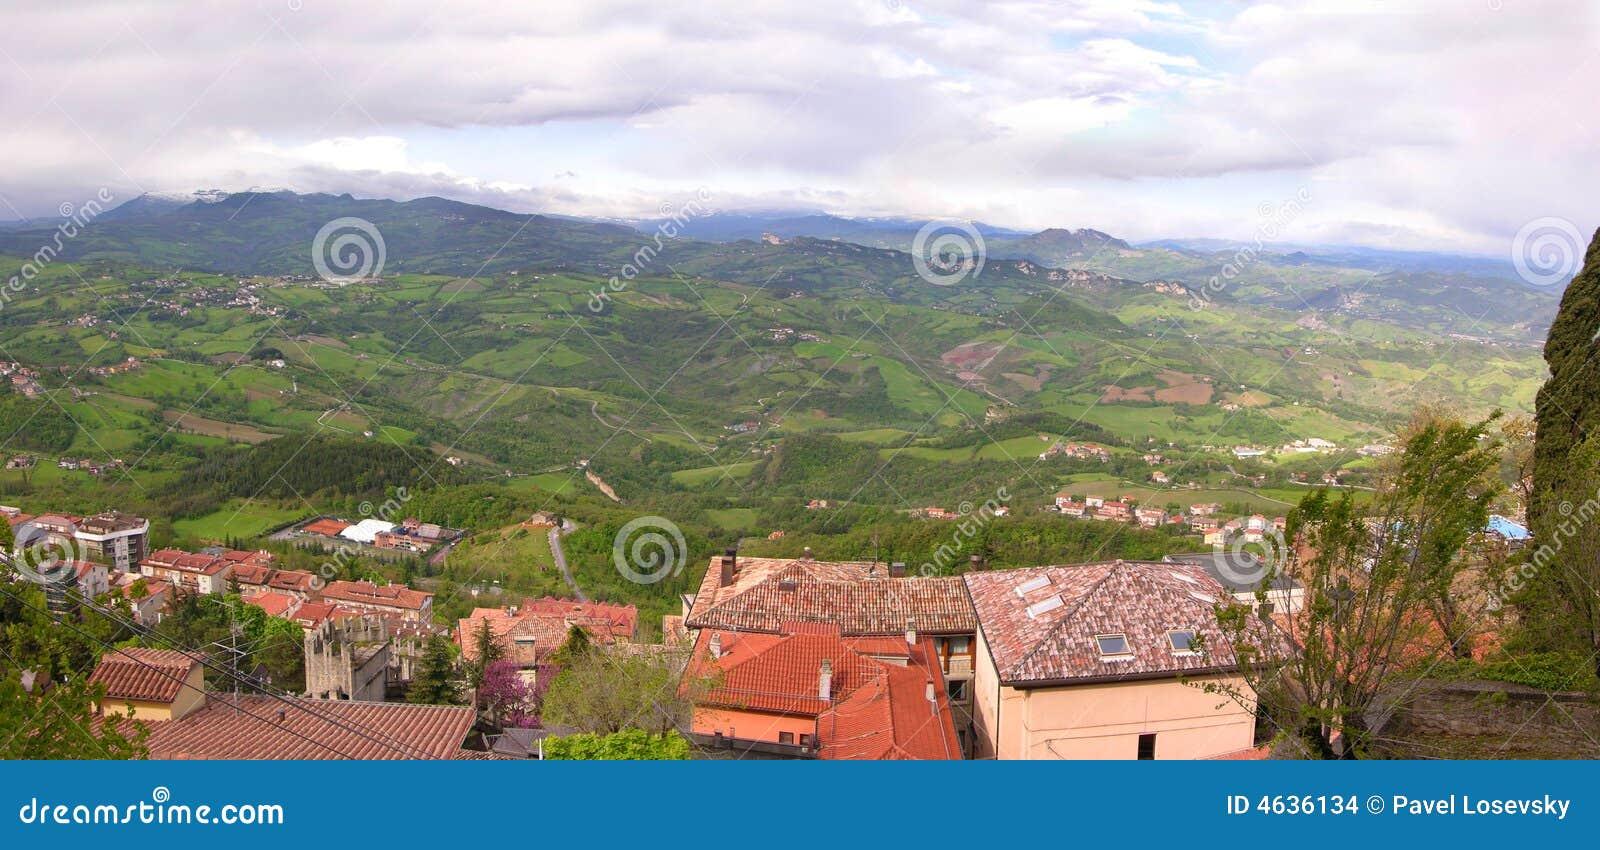 San Marino. Italy